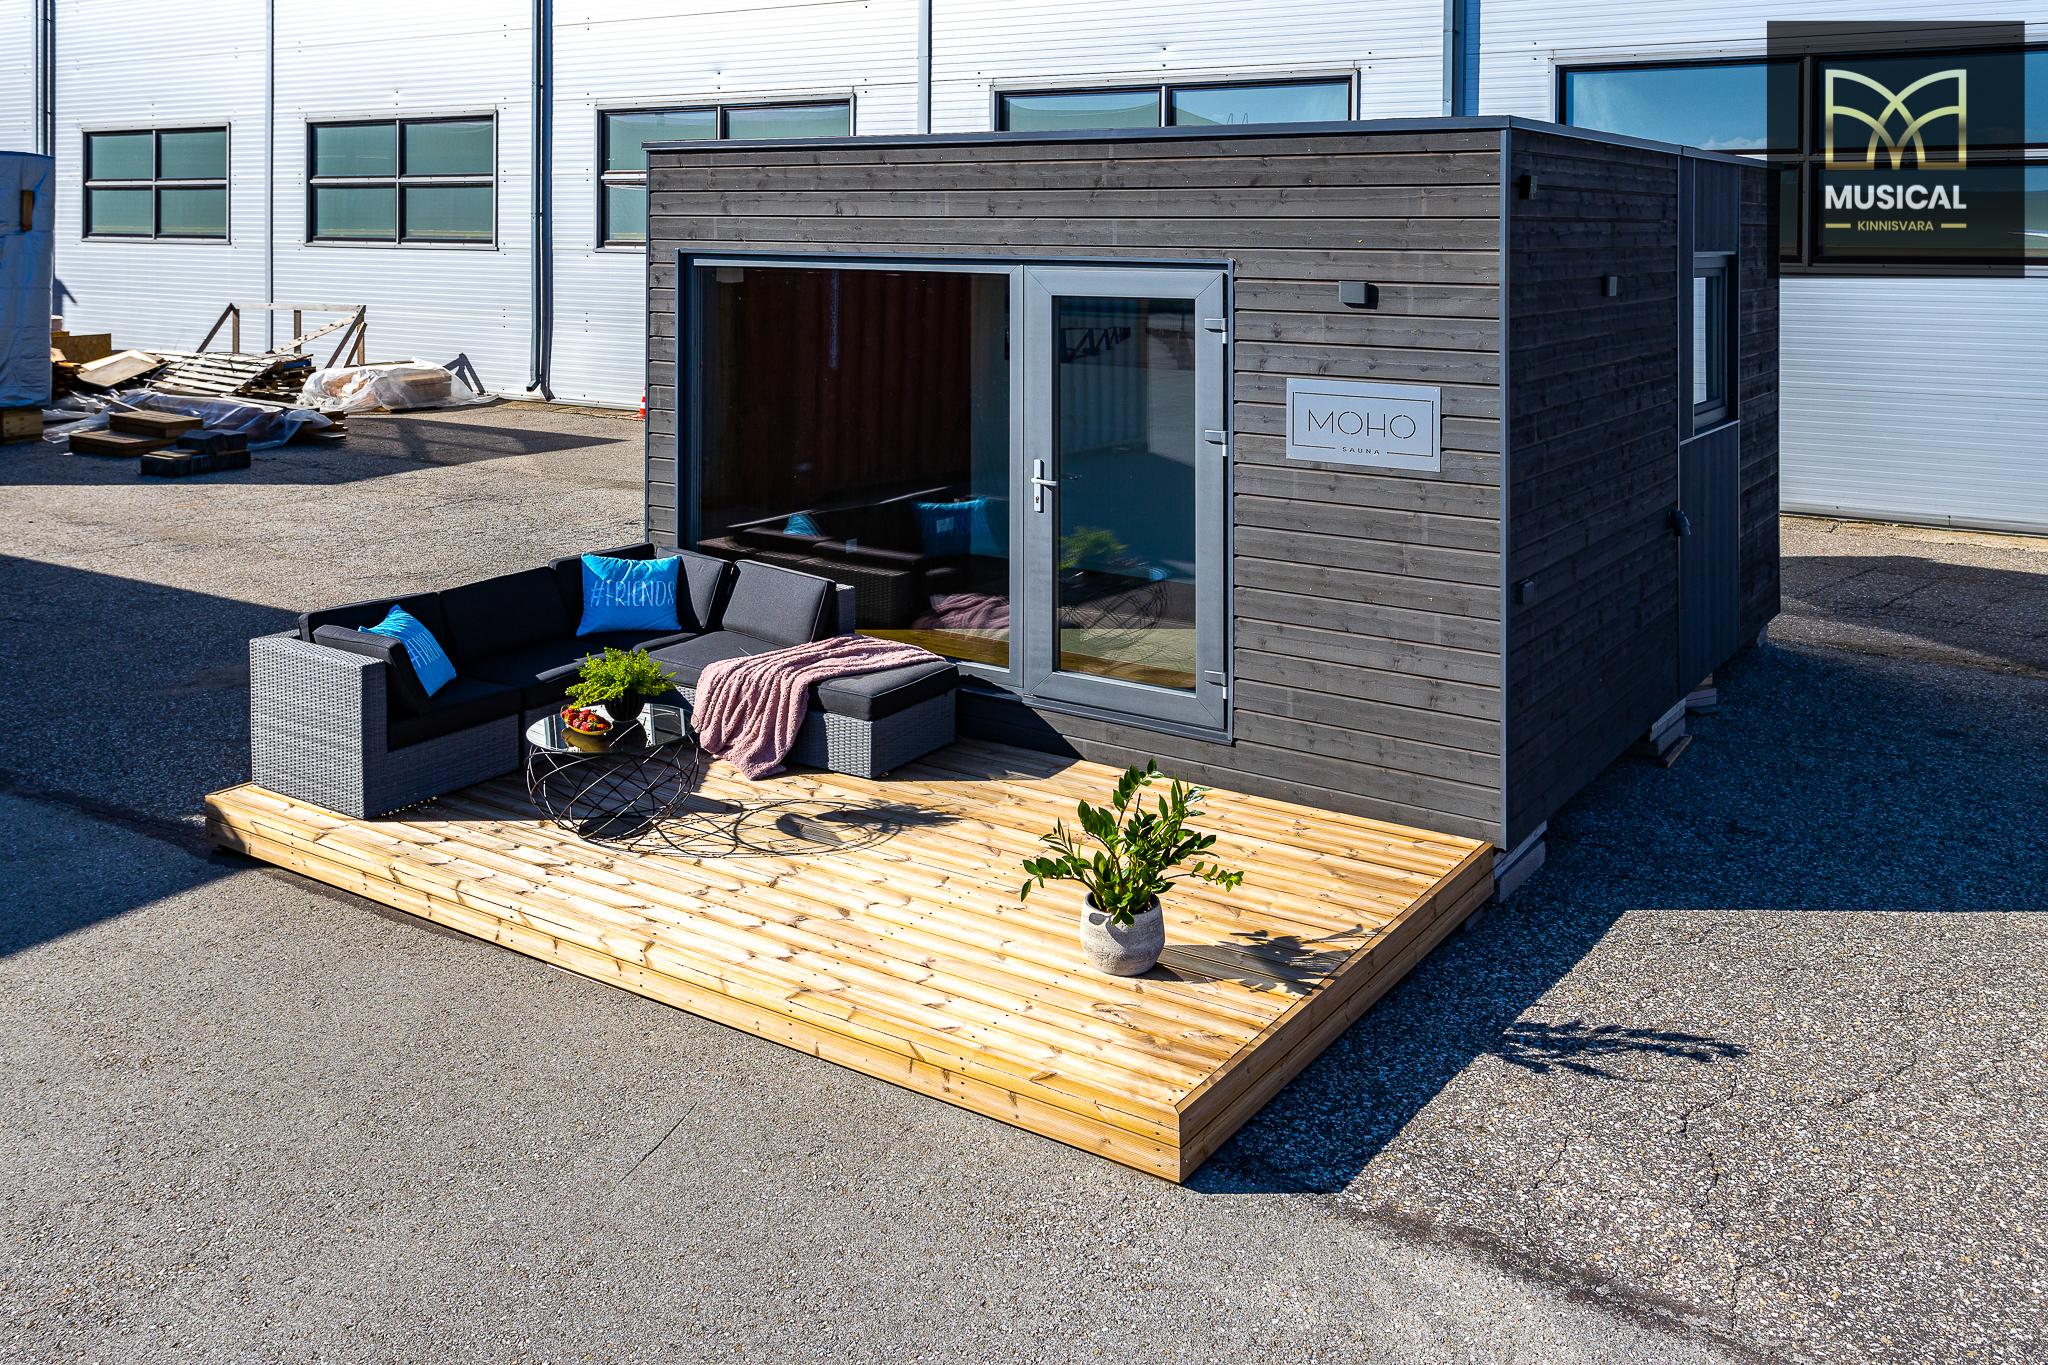 MOHO näidissaun – boonuseks: terrass, aiamööbel ja paigaldus koos kruvivaiadega